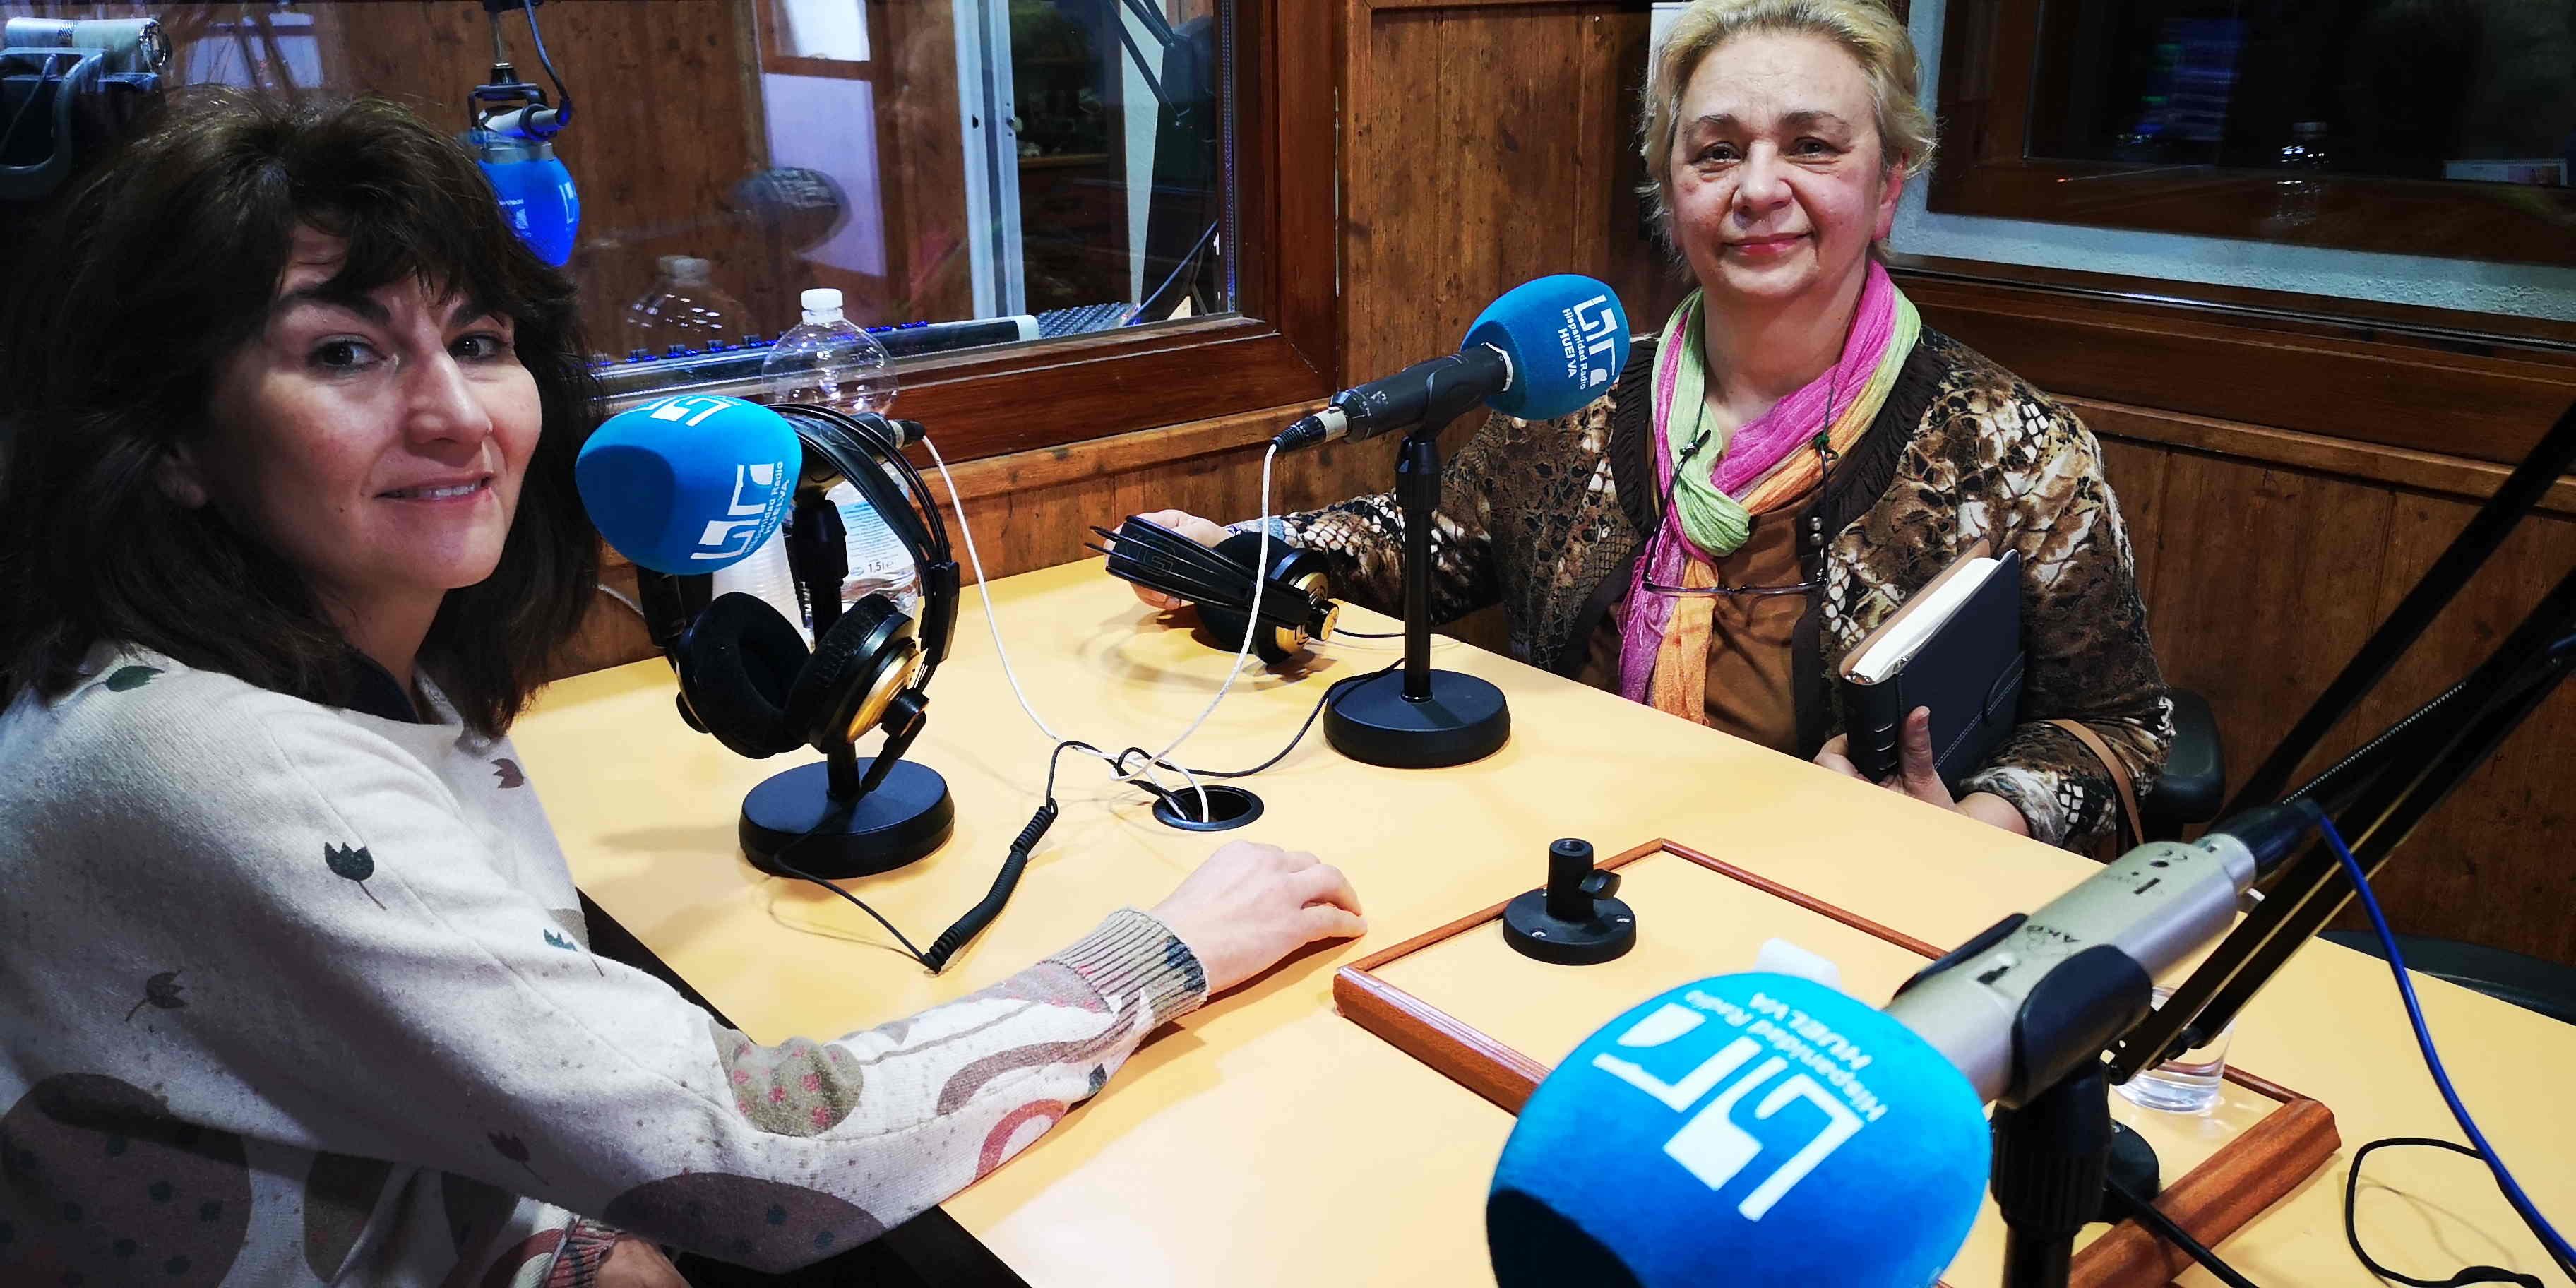 Queremos Saber 17-02-2020 Manoli Zambrano diseñadora de moda Flamenca